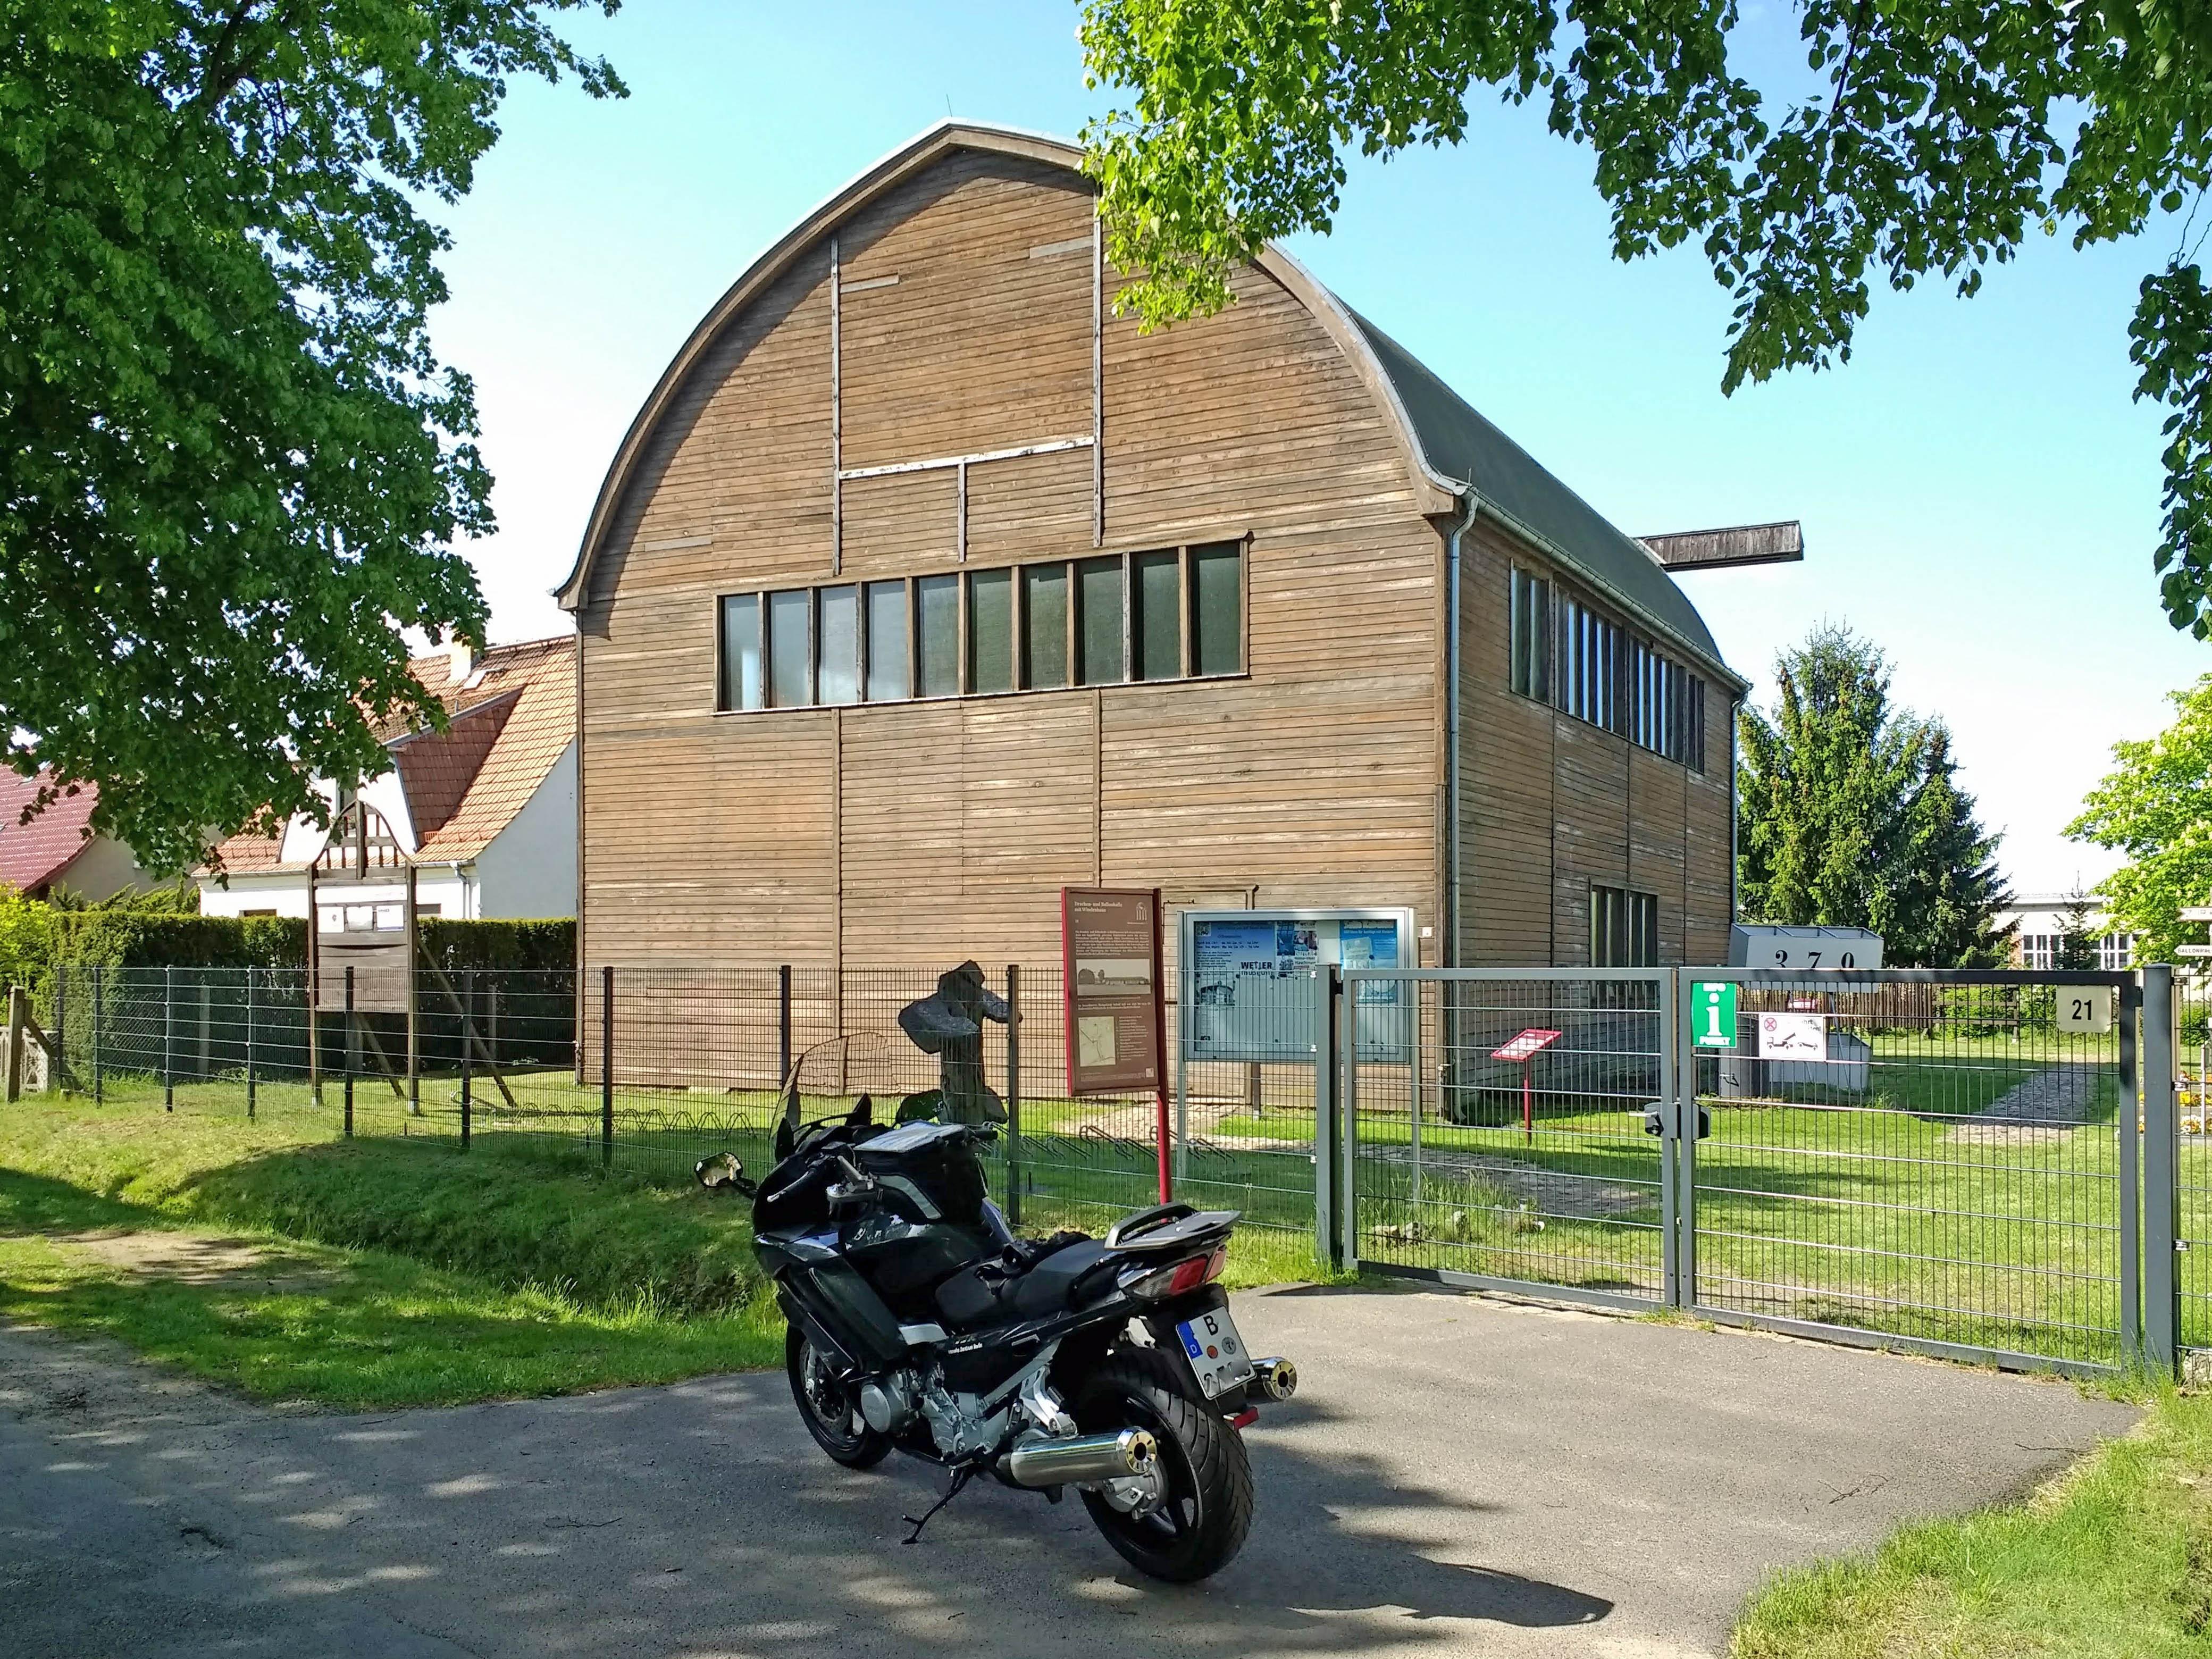 Bild der Ballonhalle Lindenberg südlich von Beeskow in Brandenburg mit einem Motorrad im Vordergrund